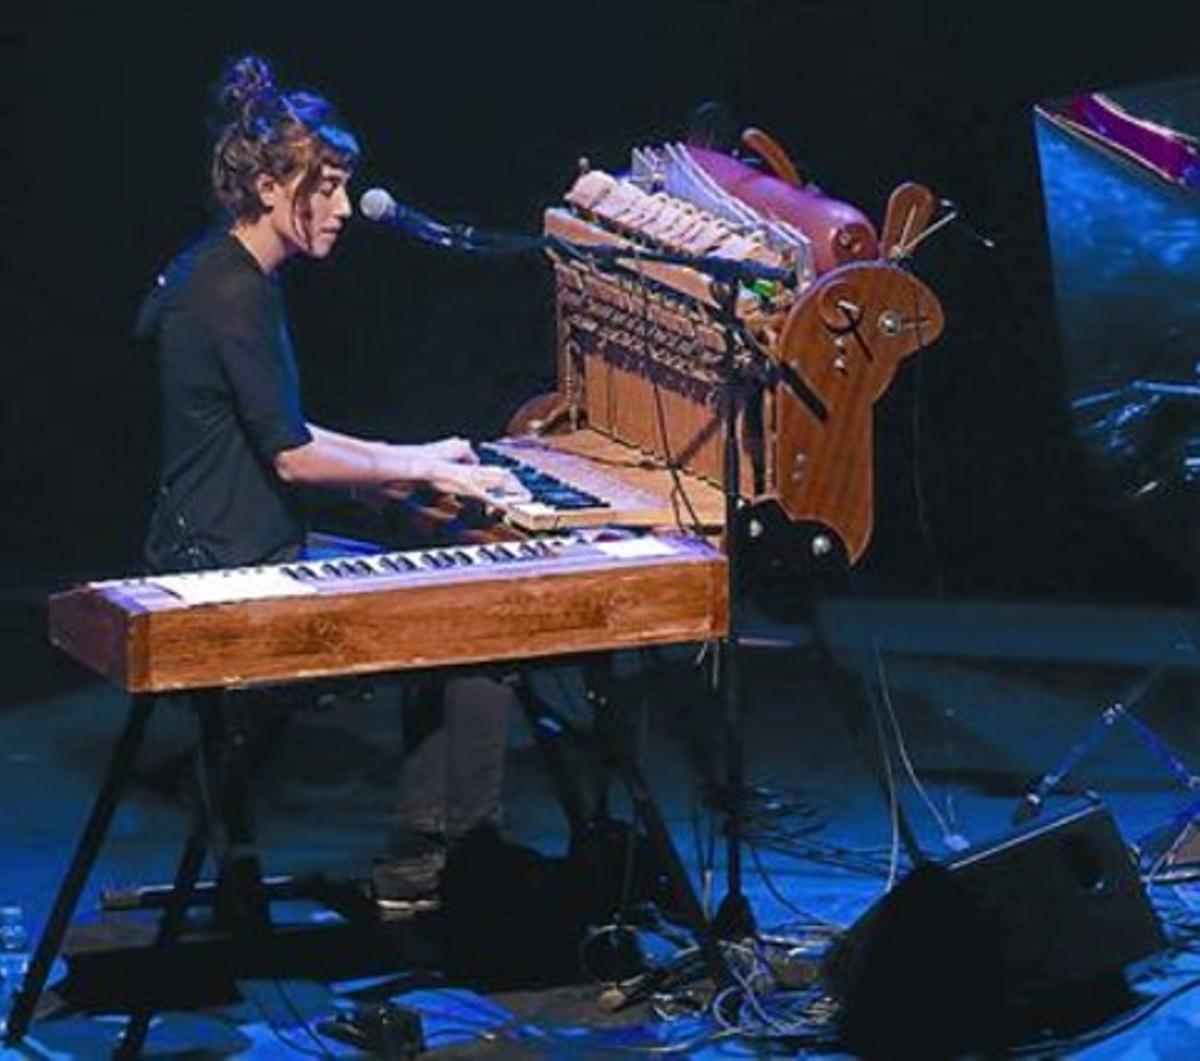 Maria Coma, en el concierto del viernes por la noche en L'Atlàntida.